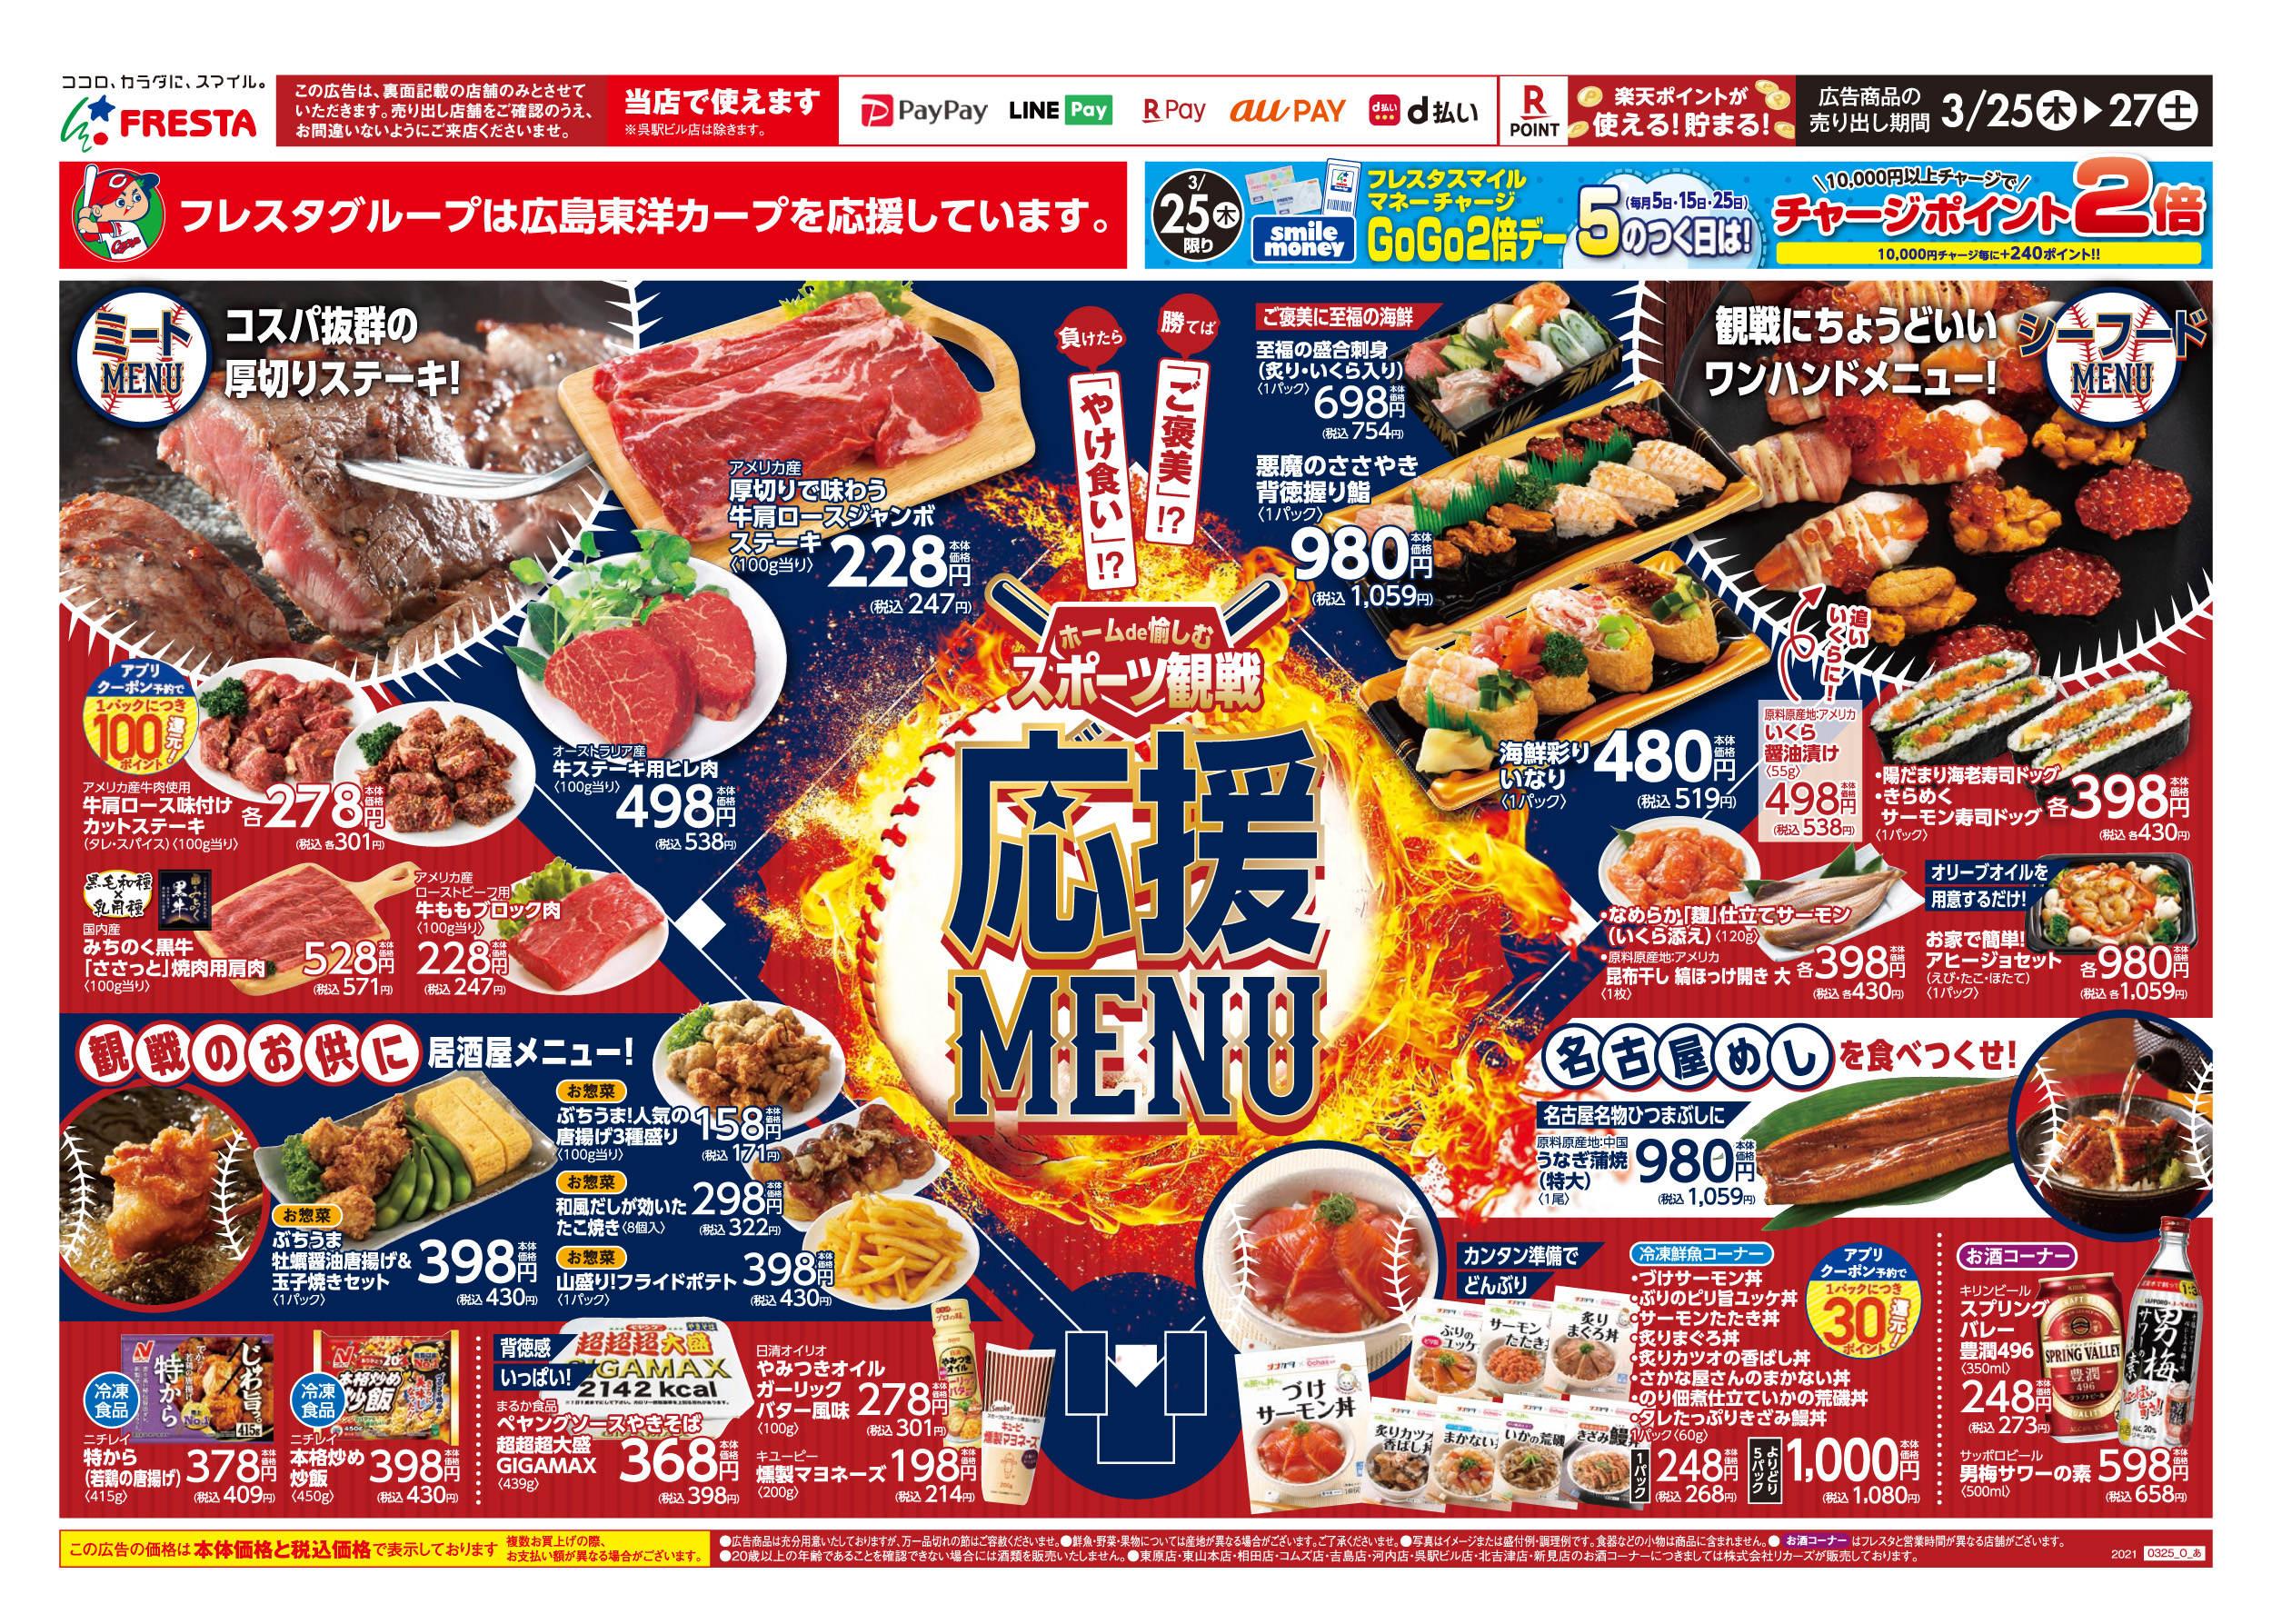 東雲 フレスタ フレスタ東雲店はママおすすめのスーパーへリニューアル!|広島ママpikabu